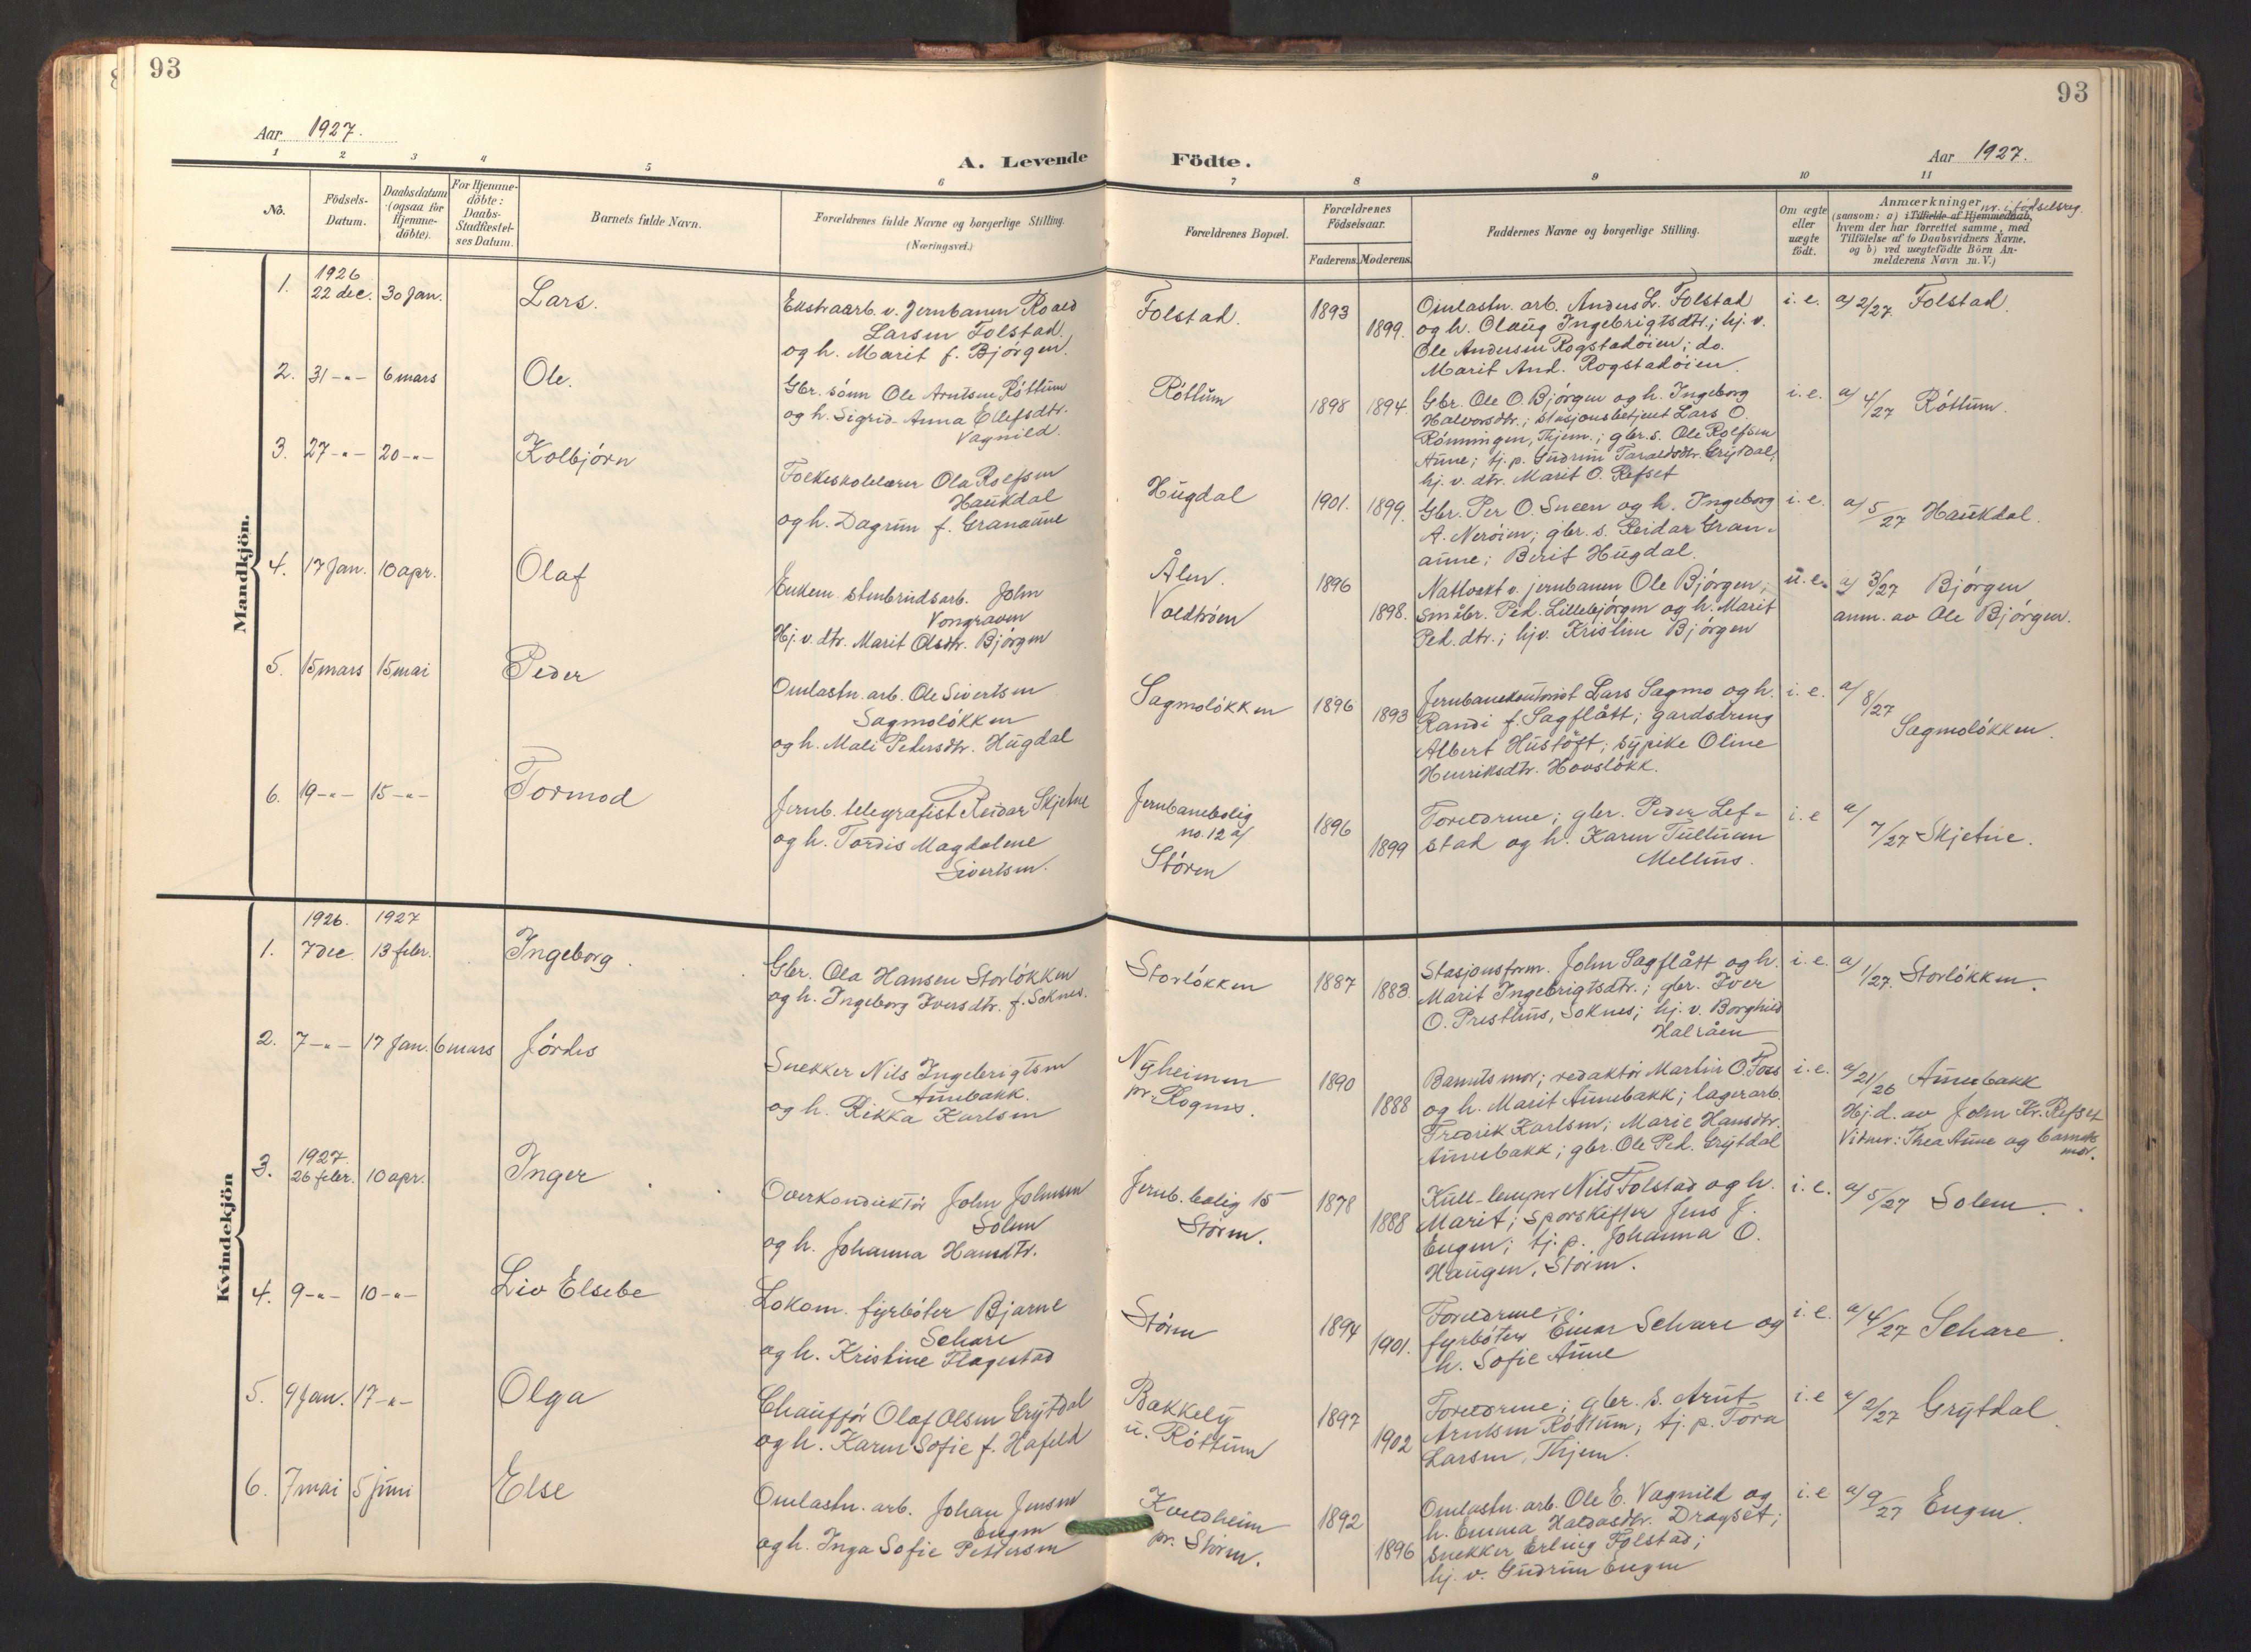 SAT, Ministerialprotokoller, klokkerbøker og fødselsregistre - Sør-Trøndelag, 687/L1019: Klokkerbok nr. 687C03, 1904-1931, s. 93